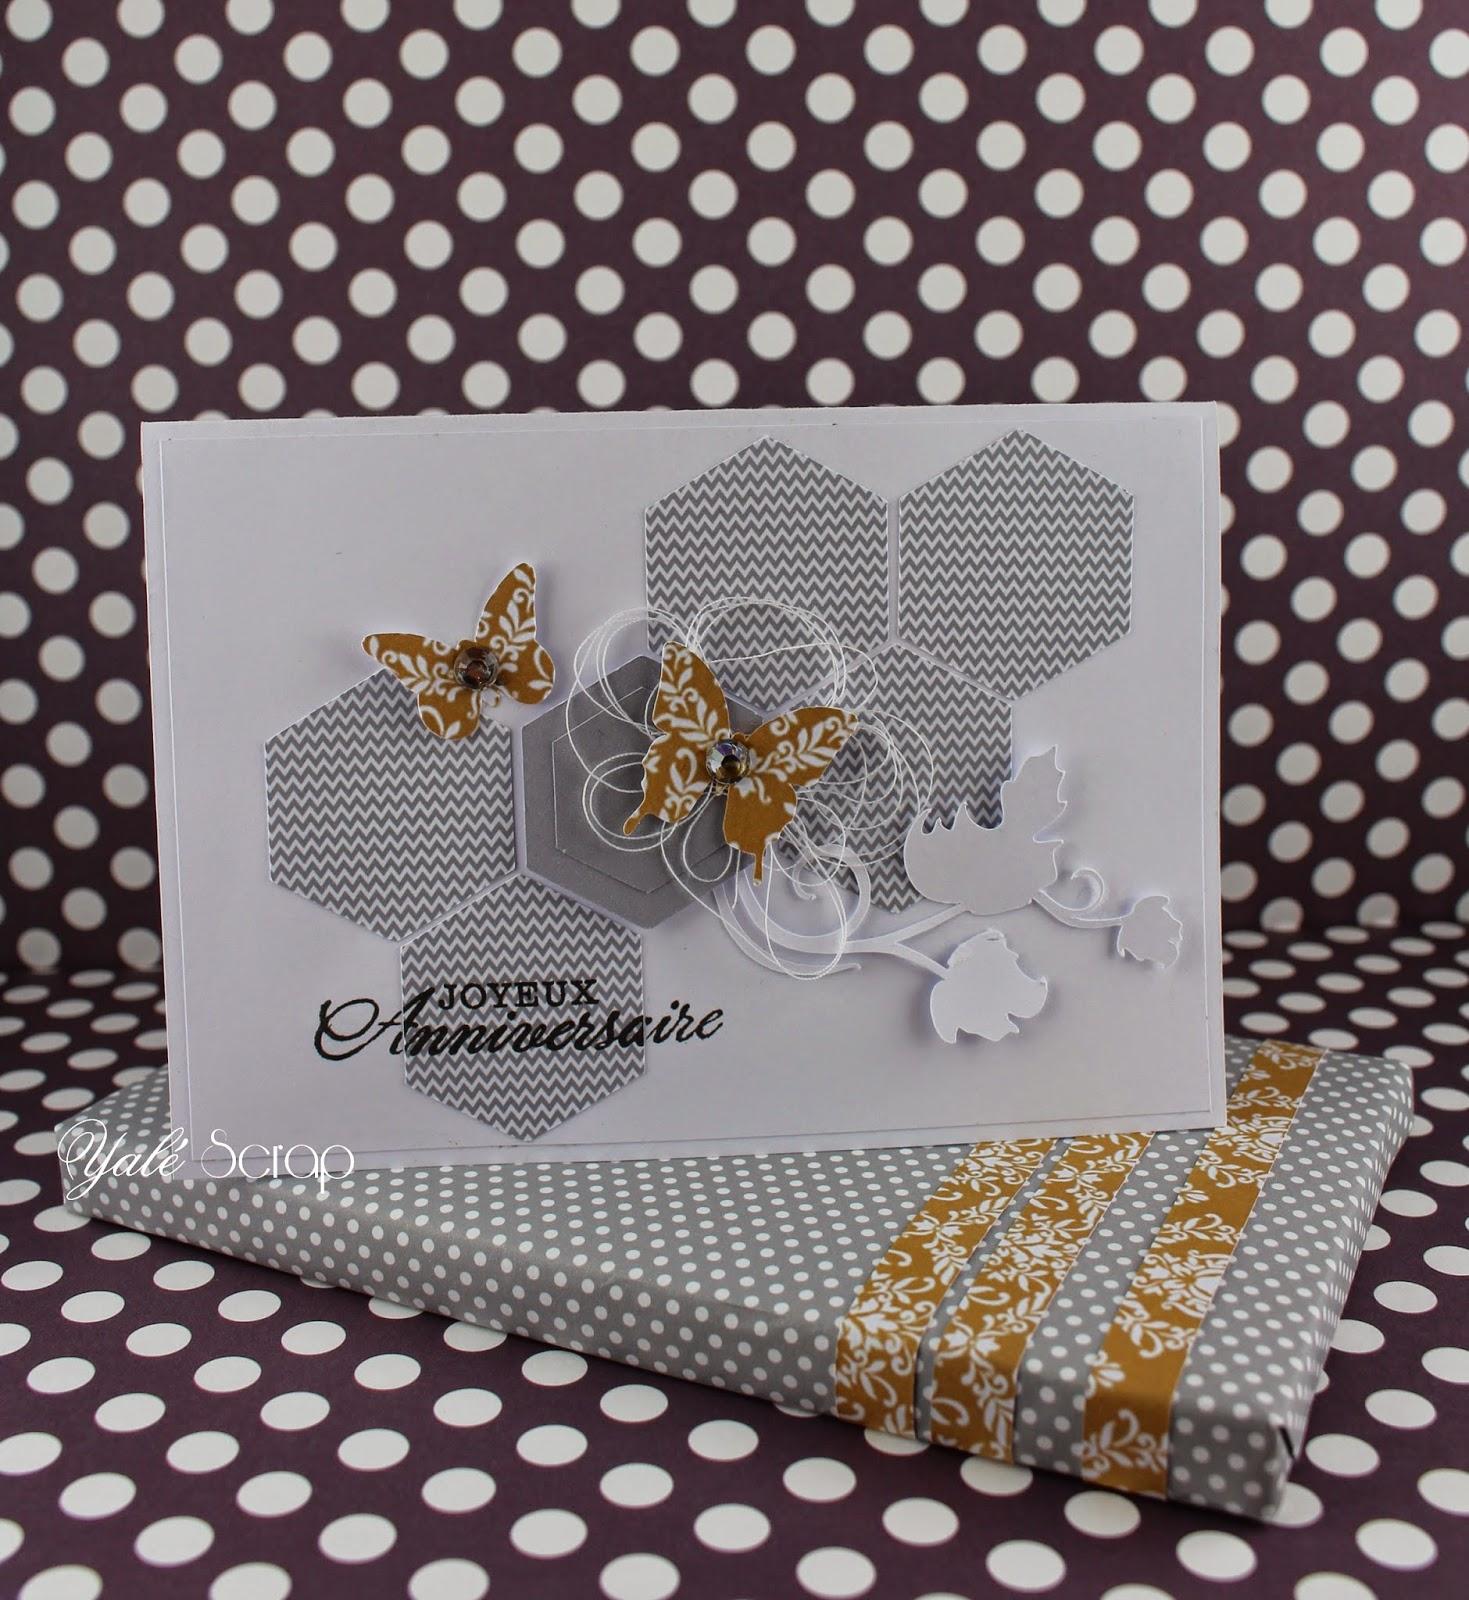 image paquet cadeau anniversaire. Black Bedroom Furniture Sets. Home Design Ideas